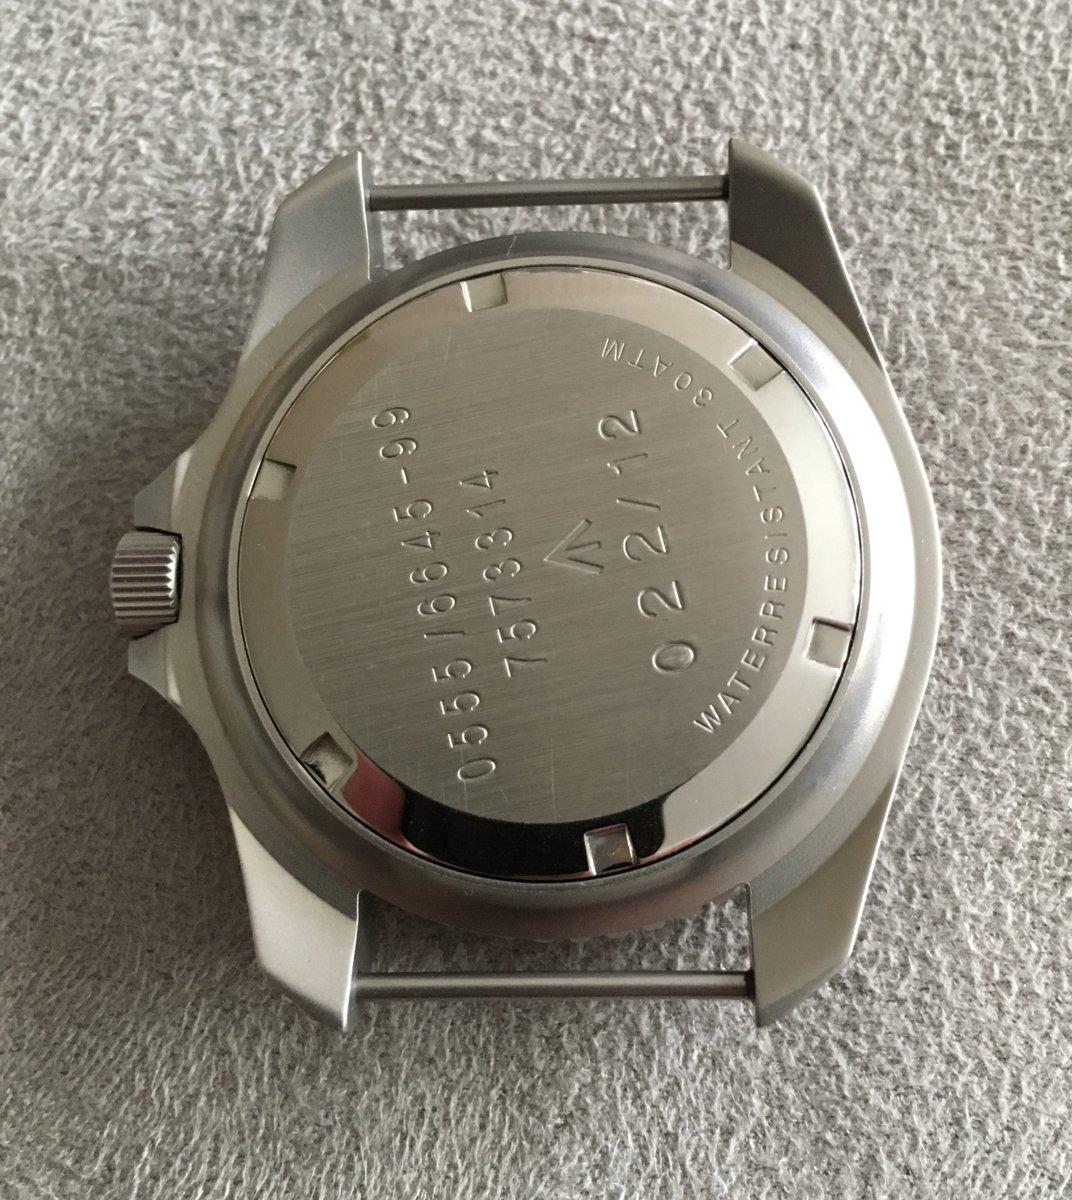 8247C7EC-D720-453A-9666-B926625BB116.